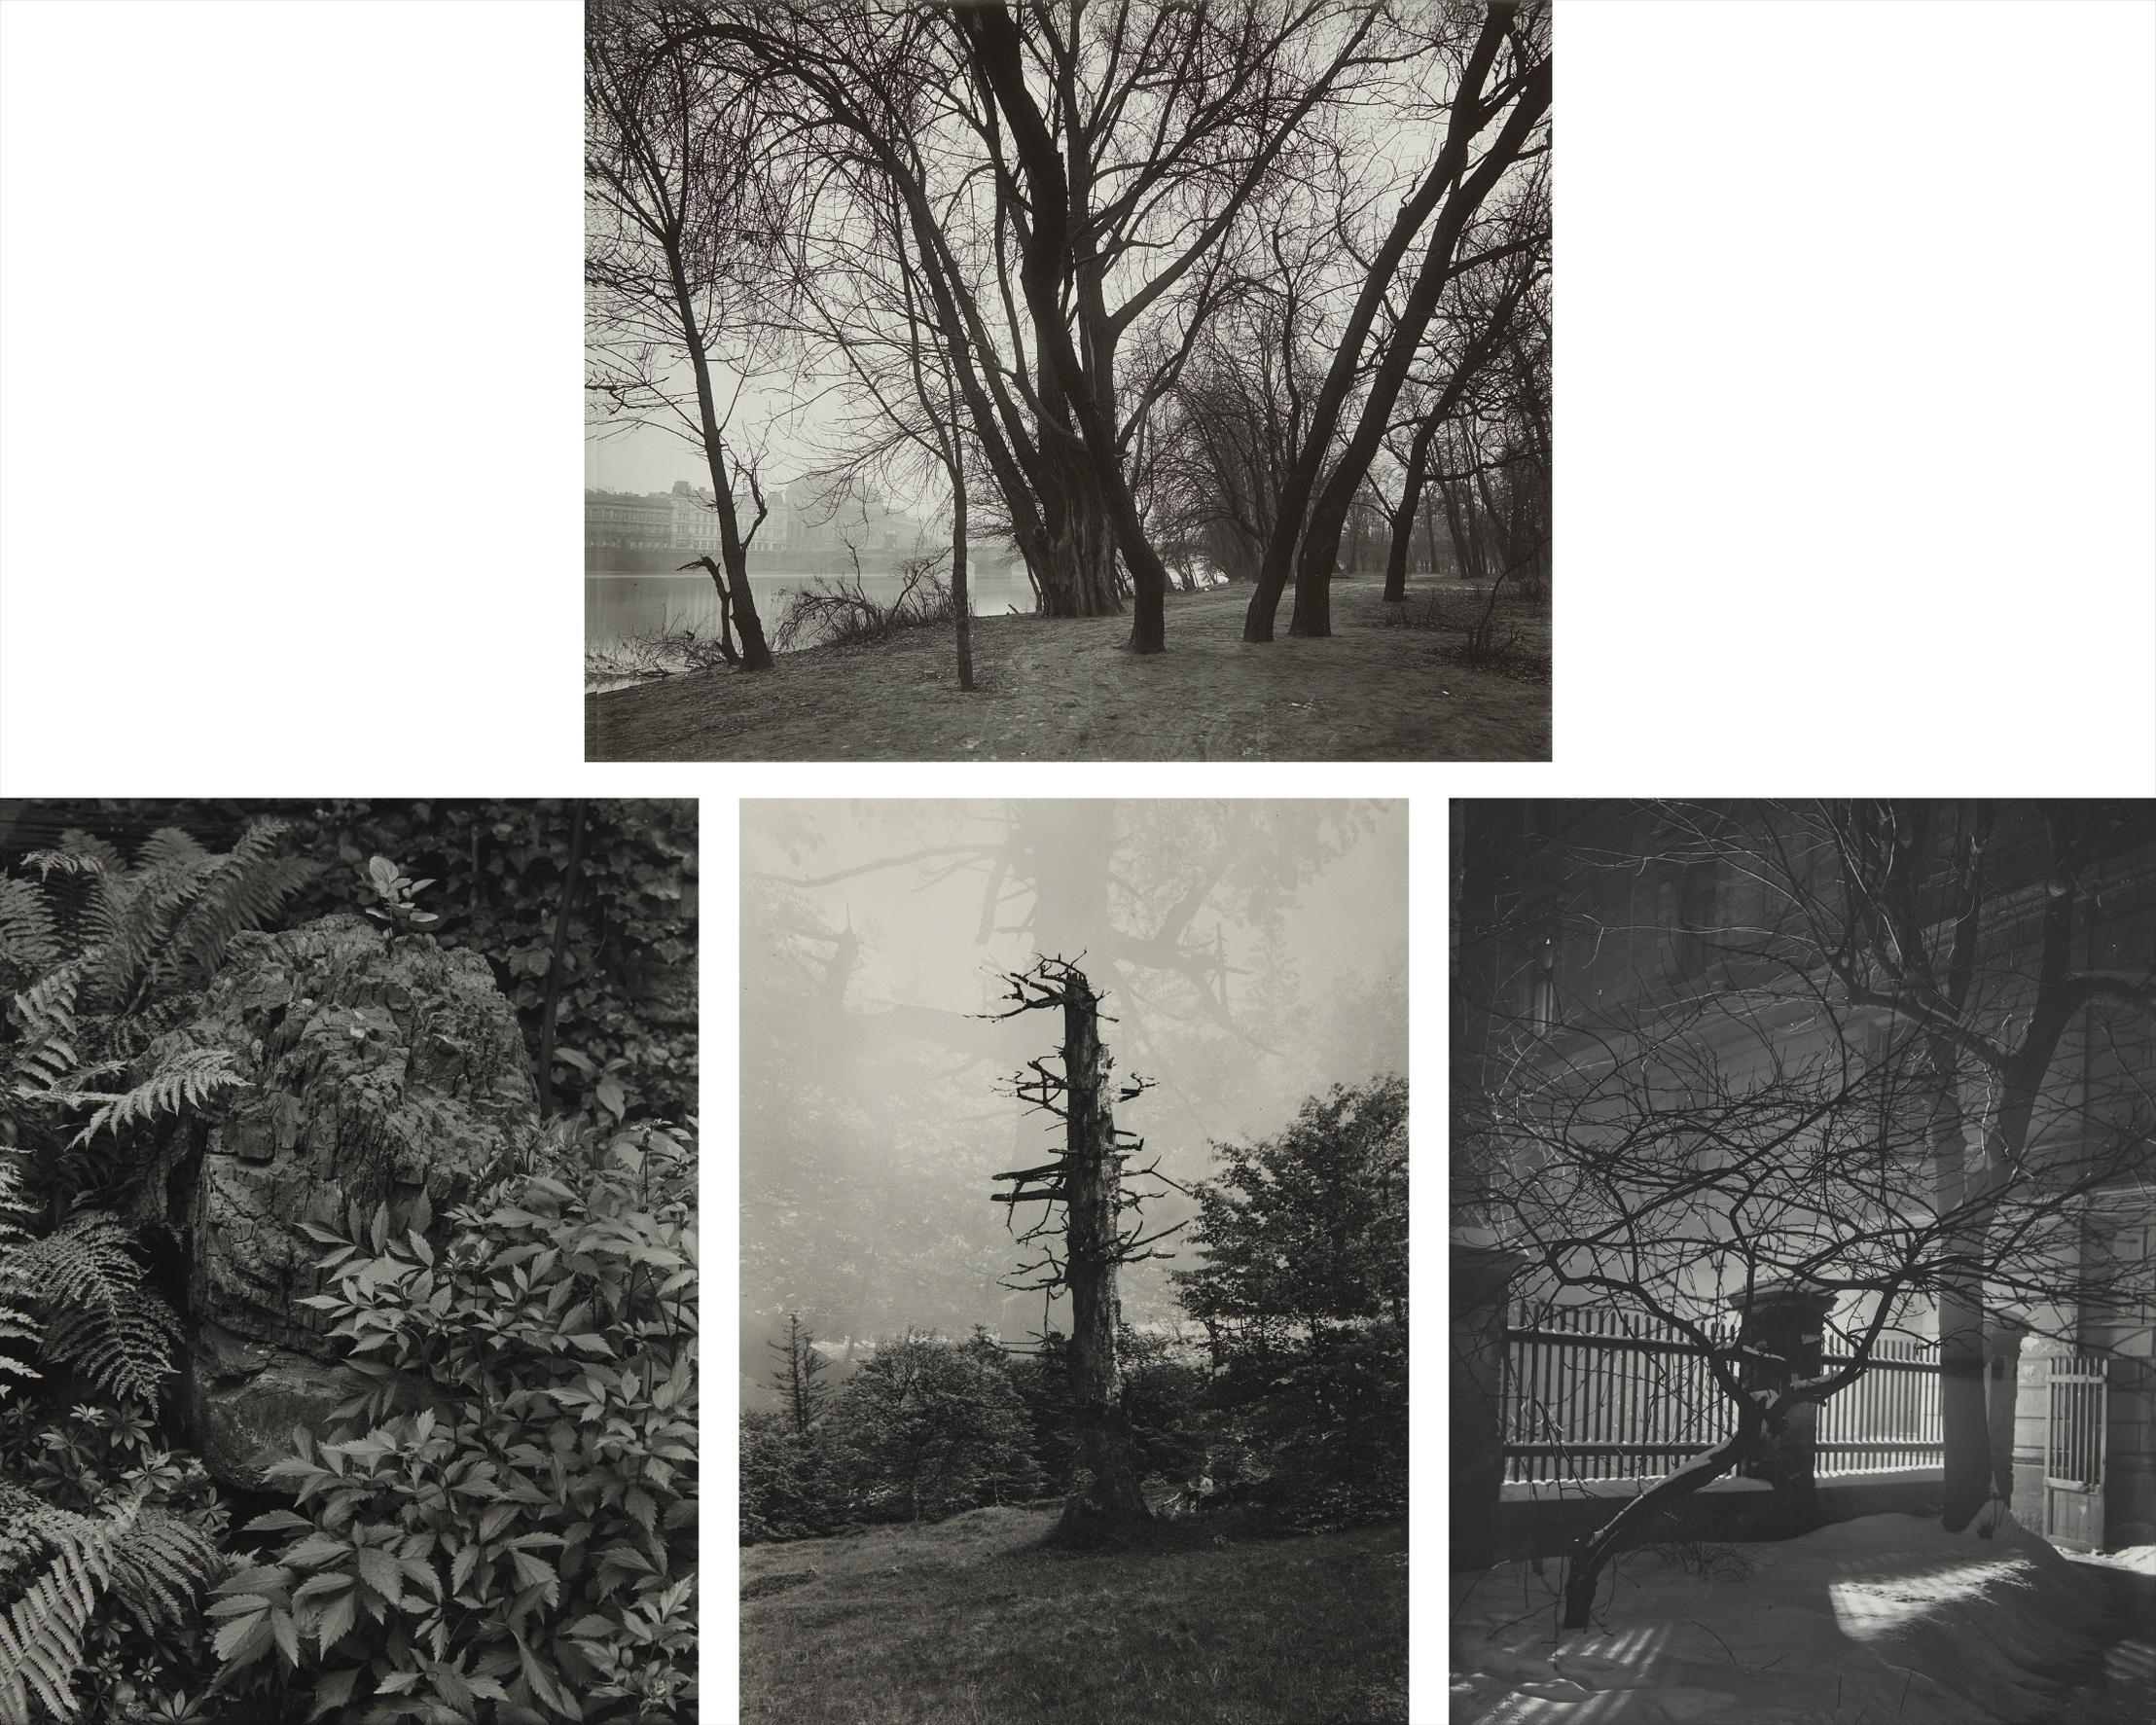 Josef Sudek-Selected Images-1950